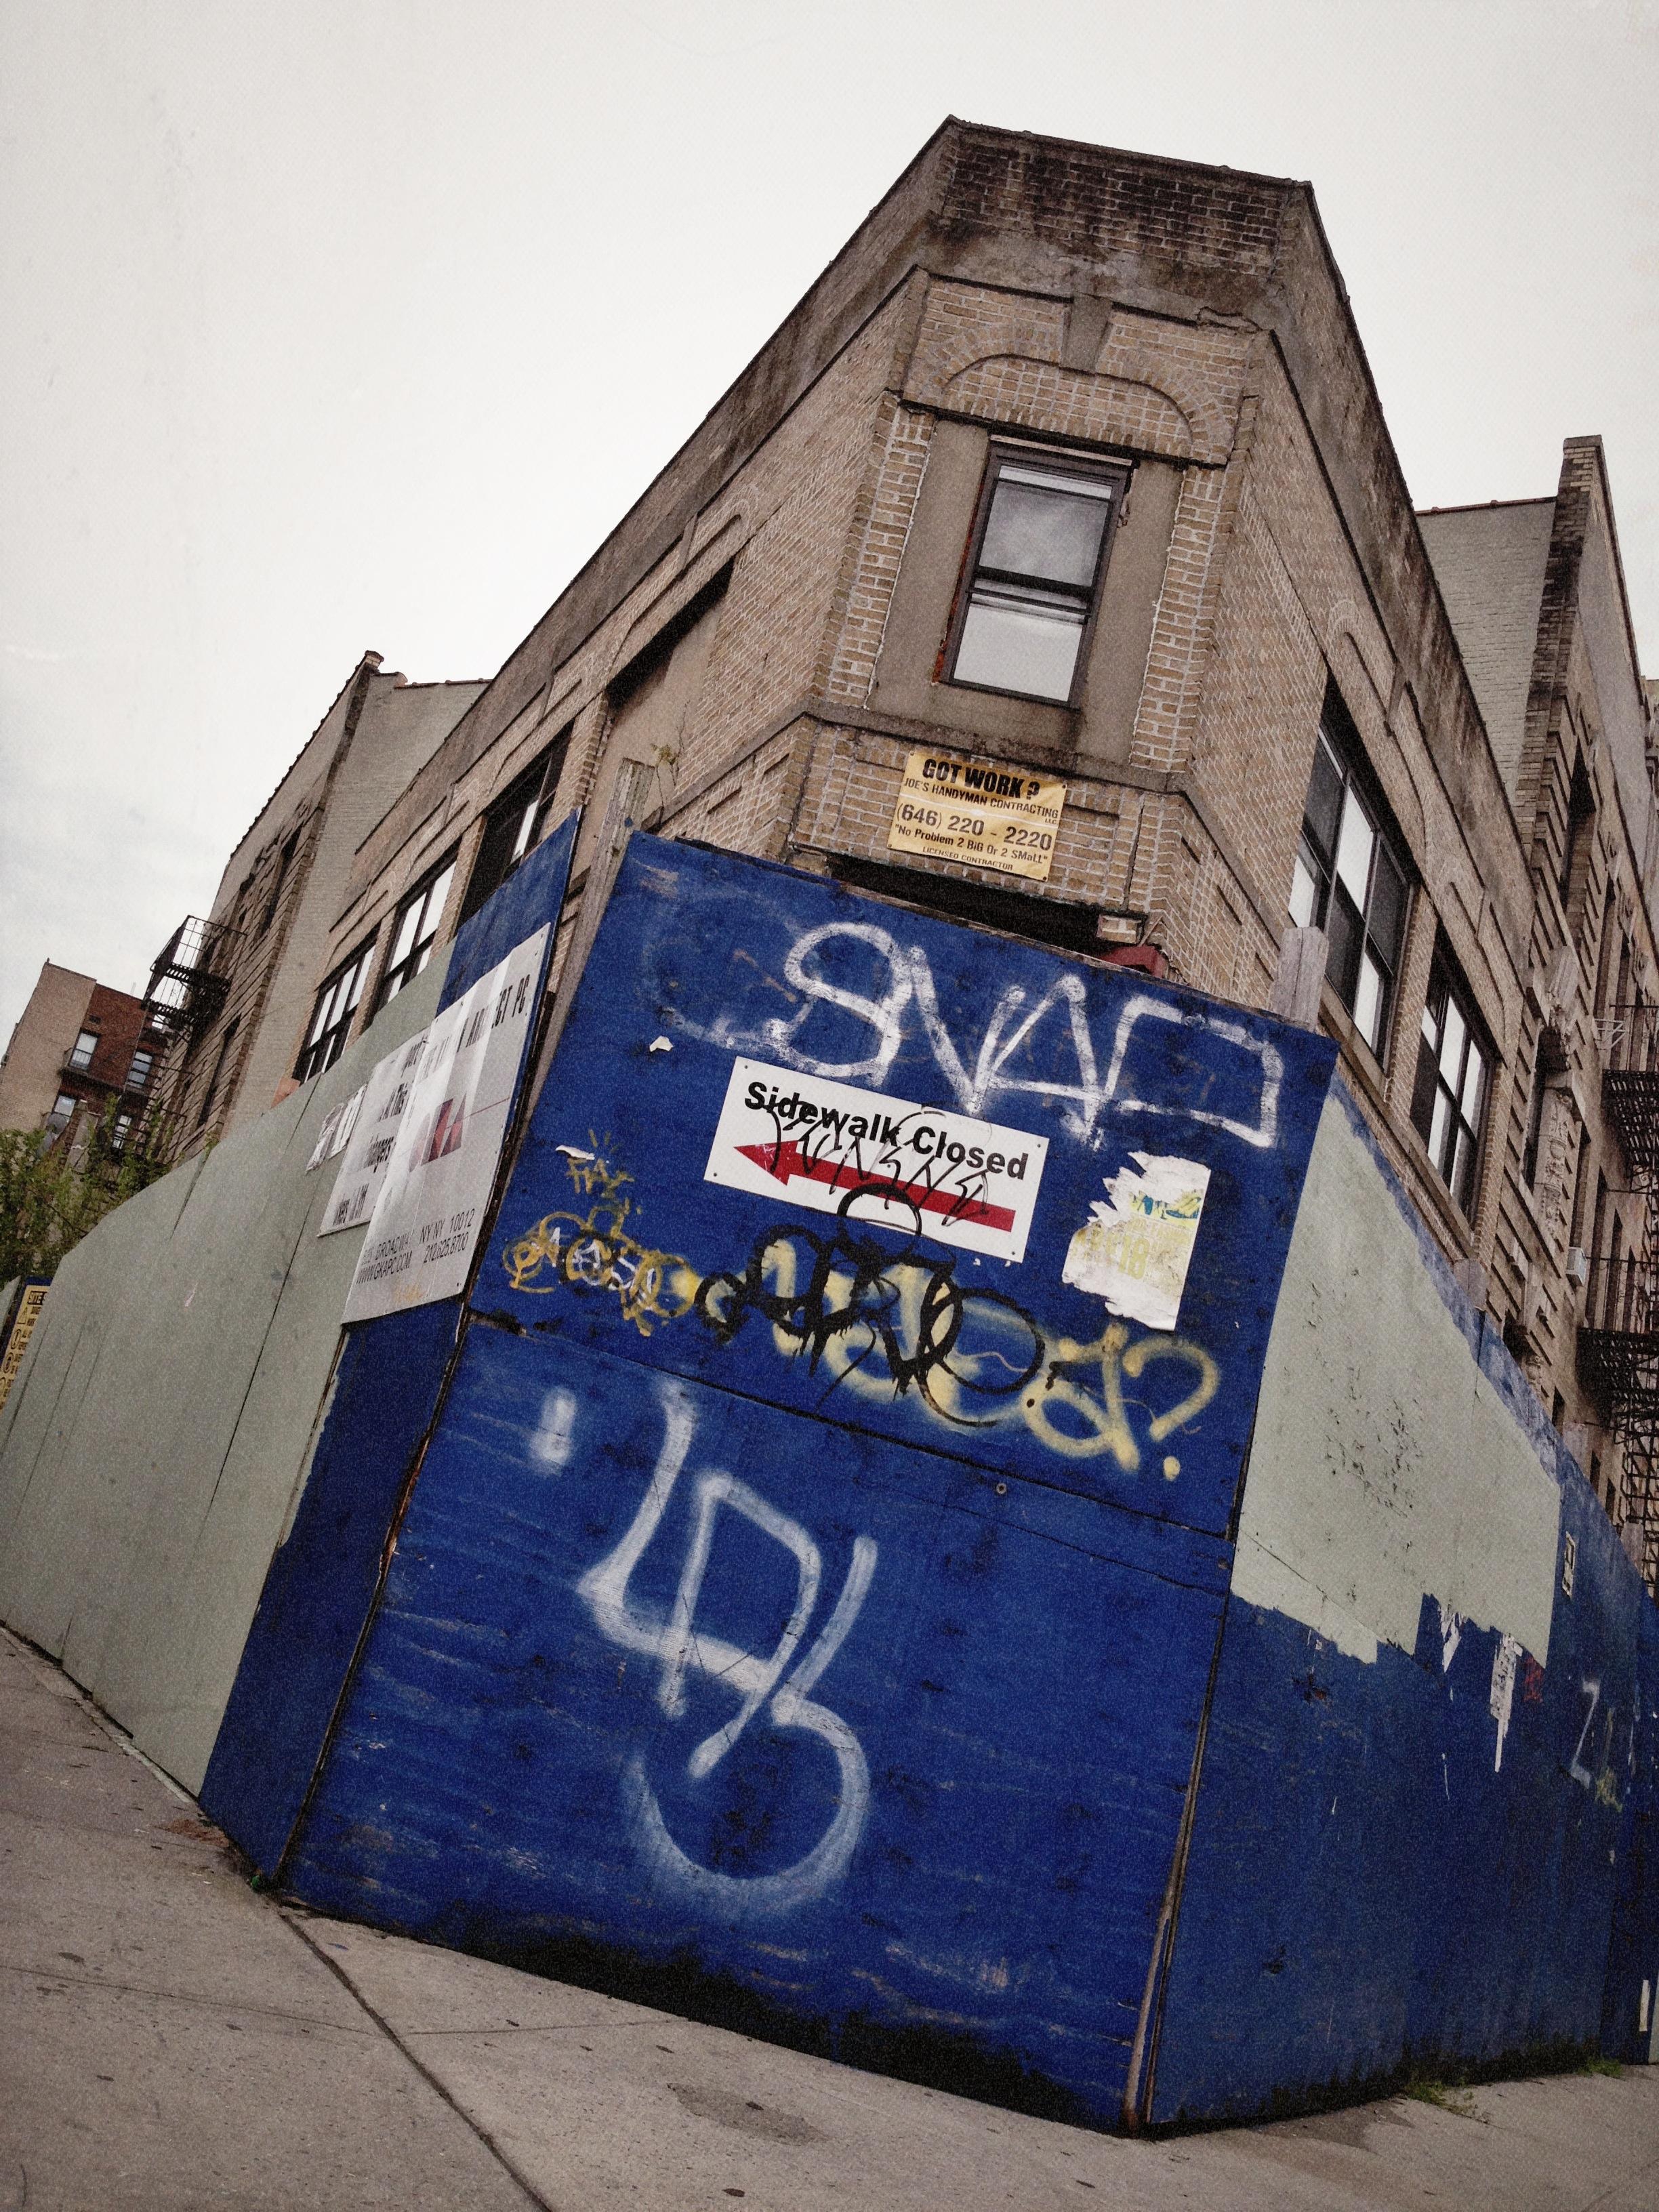 Brooklyn, NY, 5/9/13